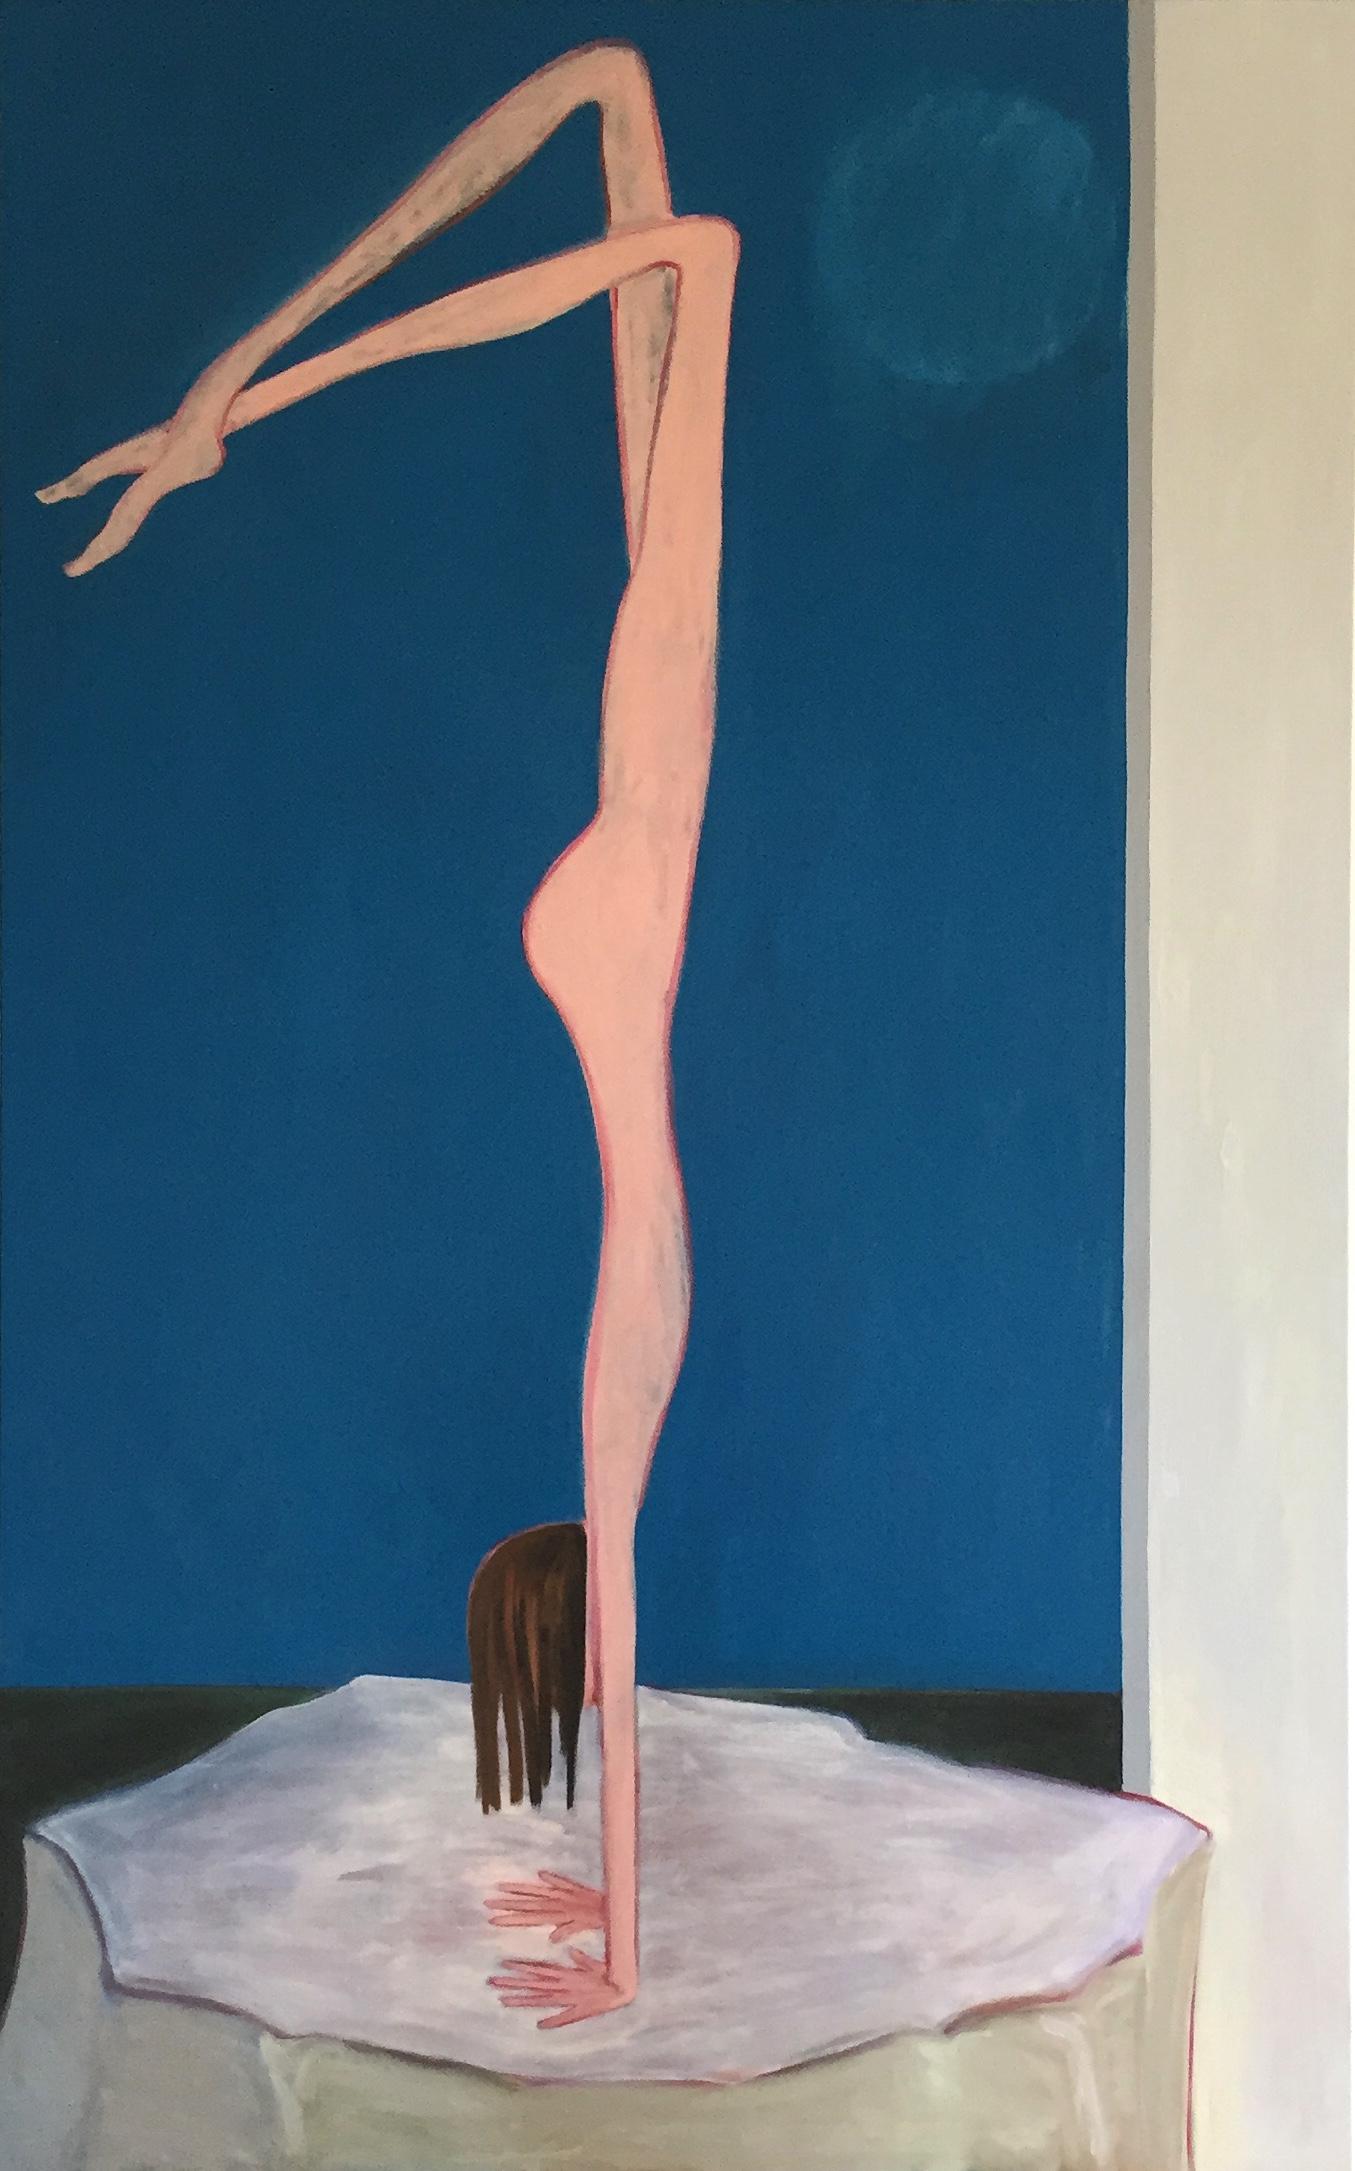 Handstand, 2016